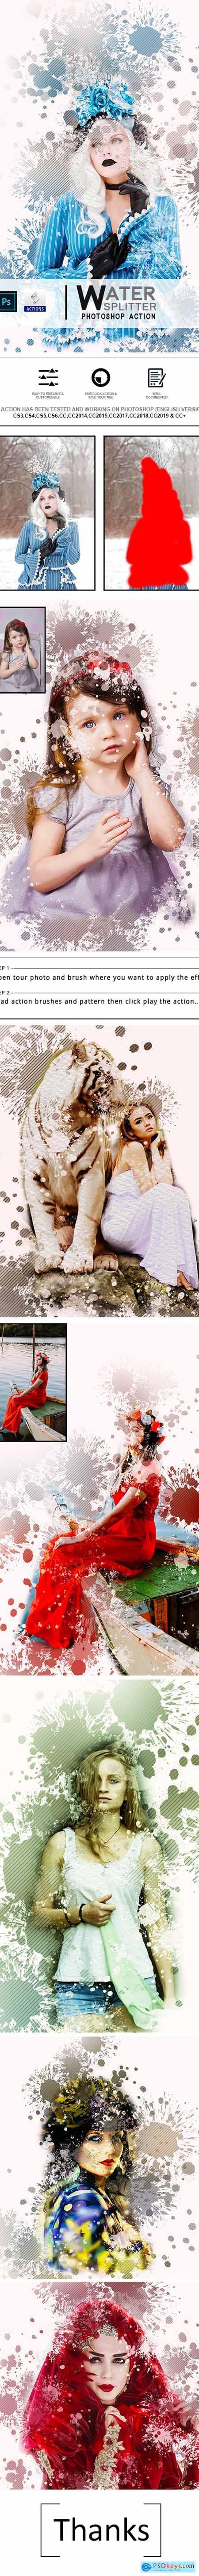 Water Splitter PS Action 24067611